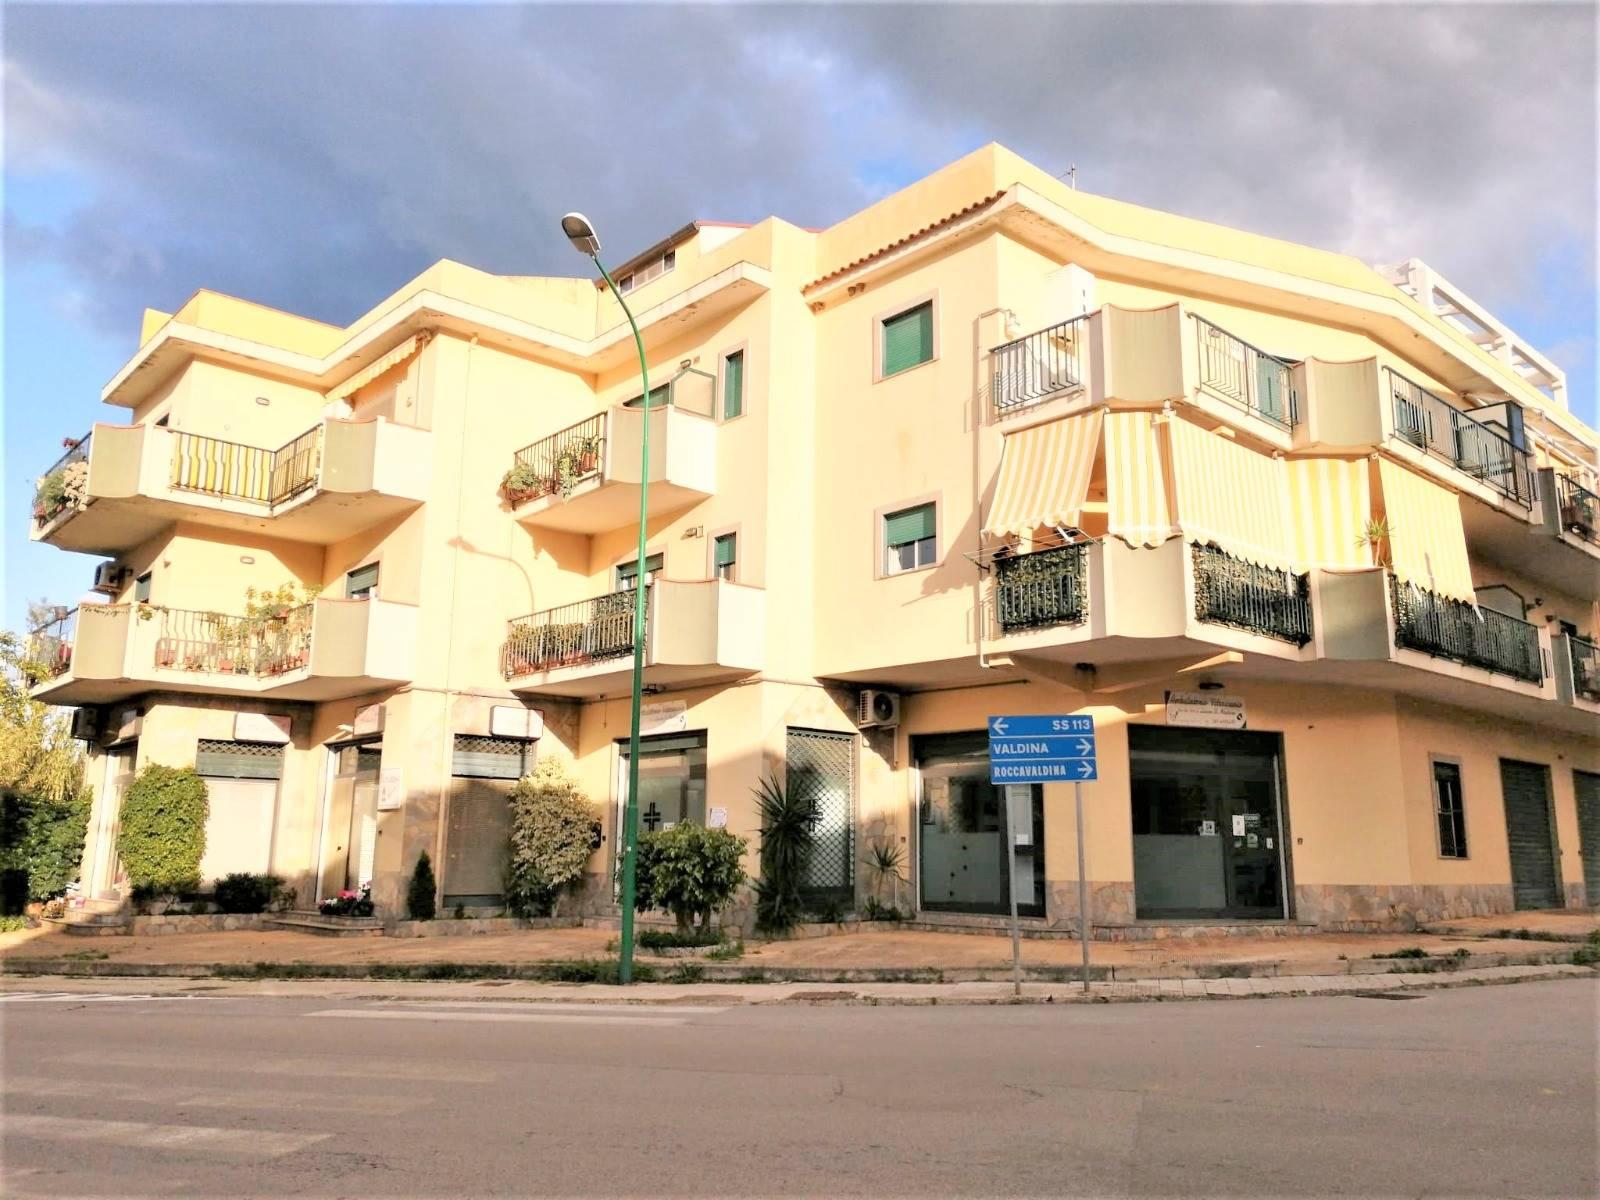 Appartamento in vendita a Torregrotta, 3 locali, zona ieri, prezzo € 75.000 | PortaleAgenzieImmobiliari.it